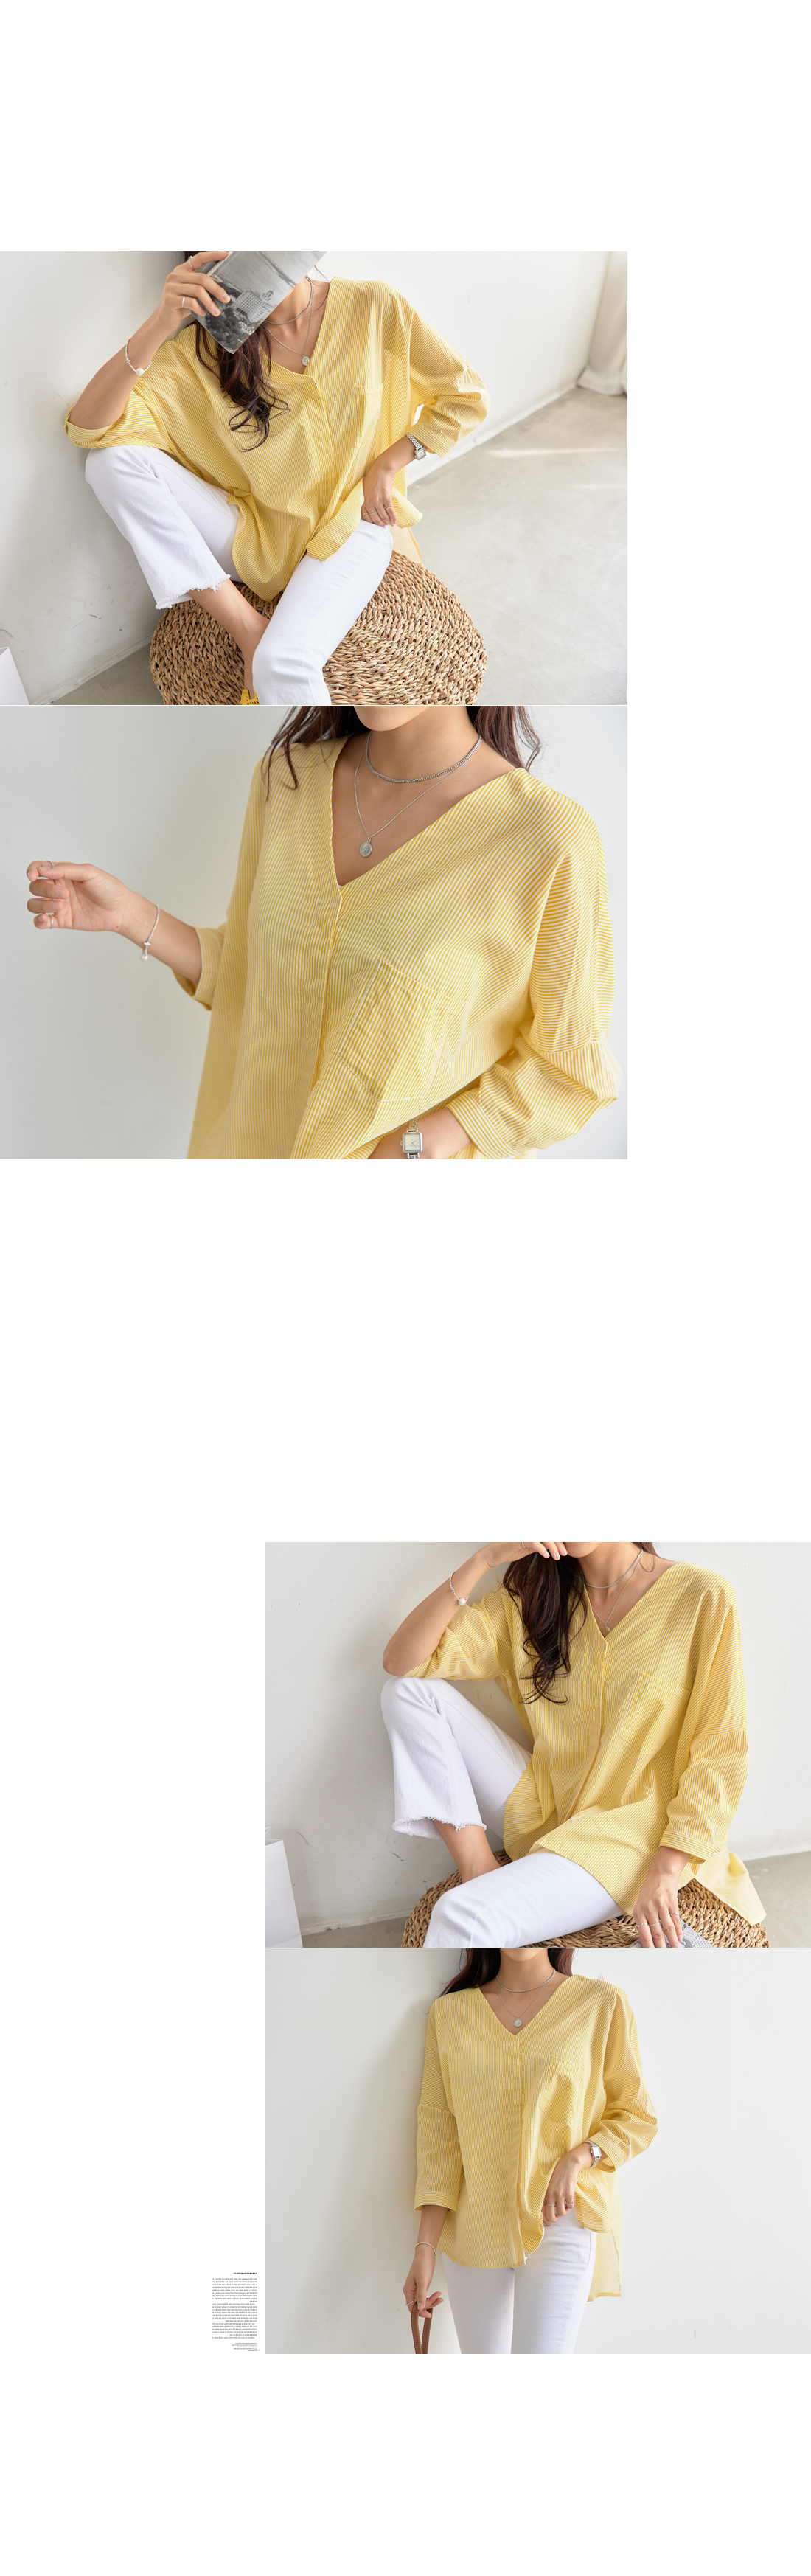 Rare V Neck Hidden Button Blouse #44152